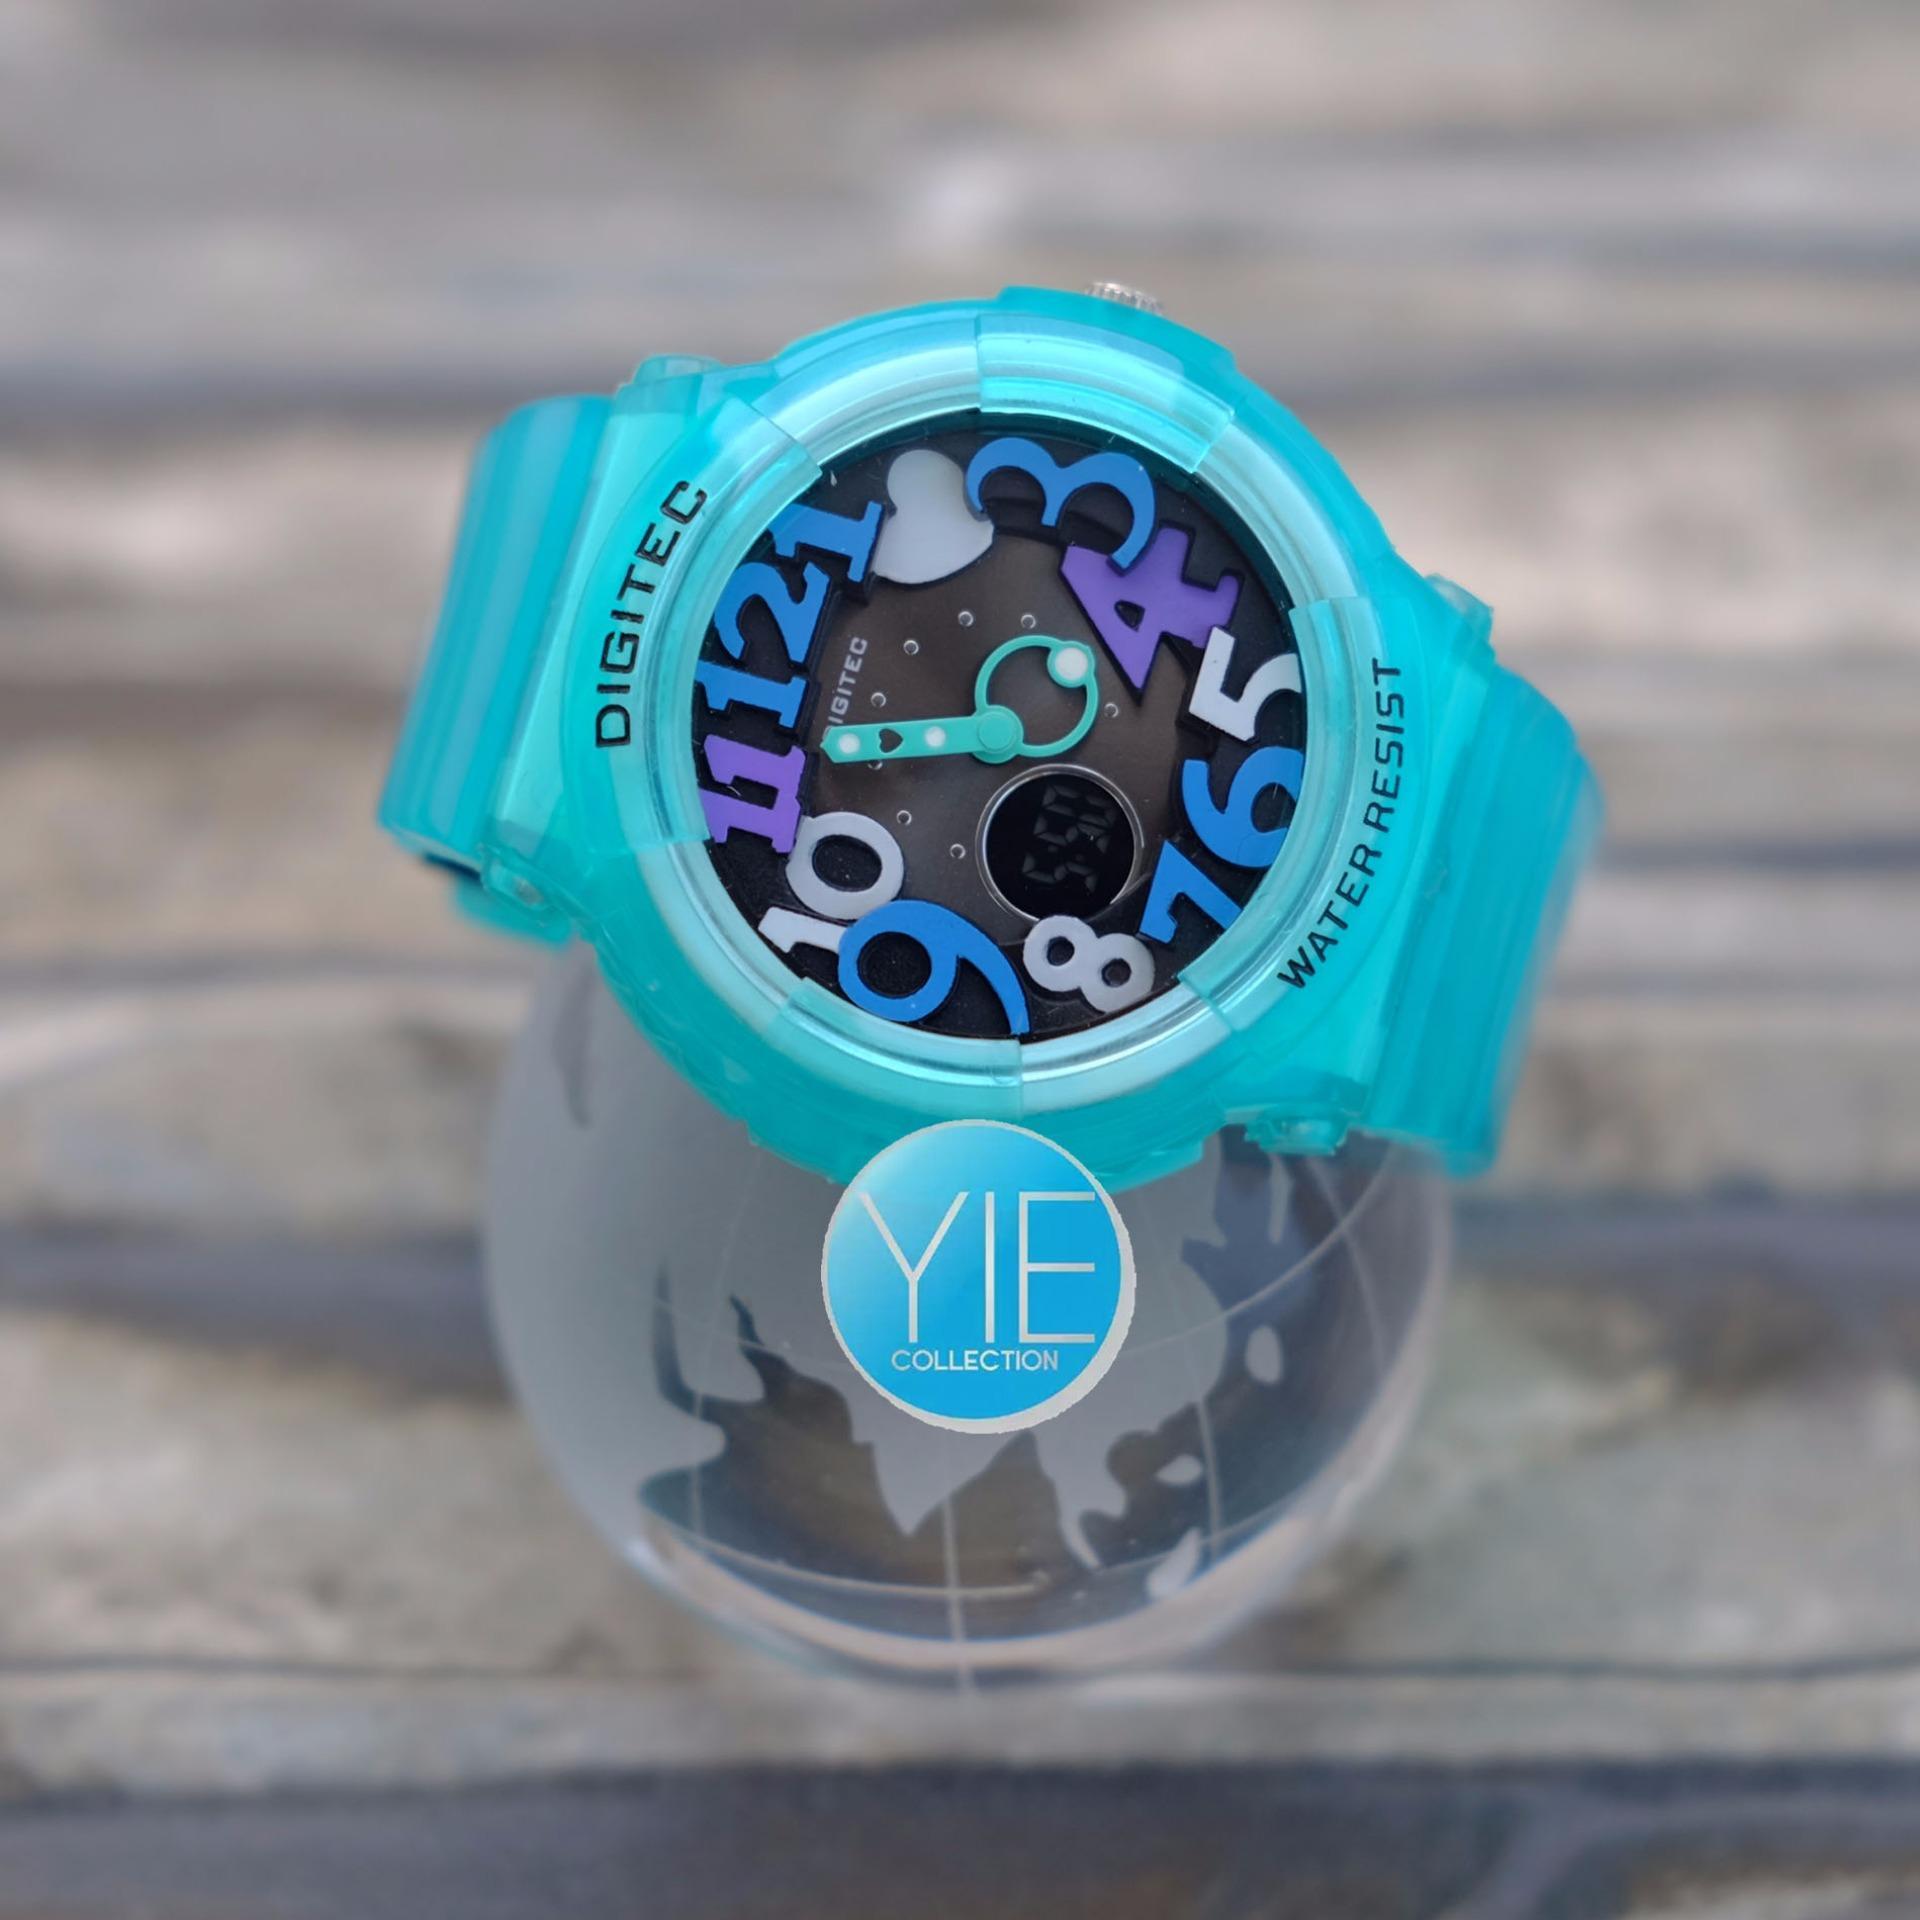 Digitec Jam Tangan Wanita DG 3010 T Dual Time Water Resistant - Turquoise . d20b7c8e8c